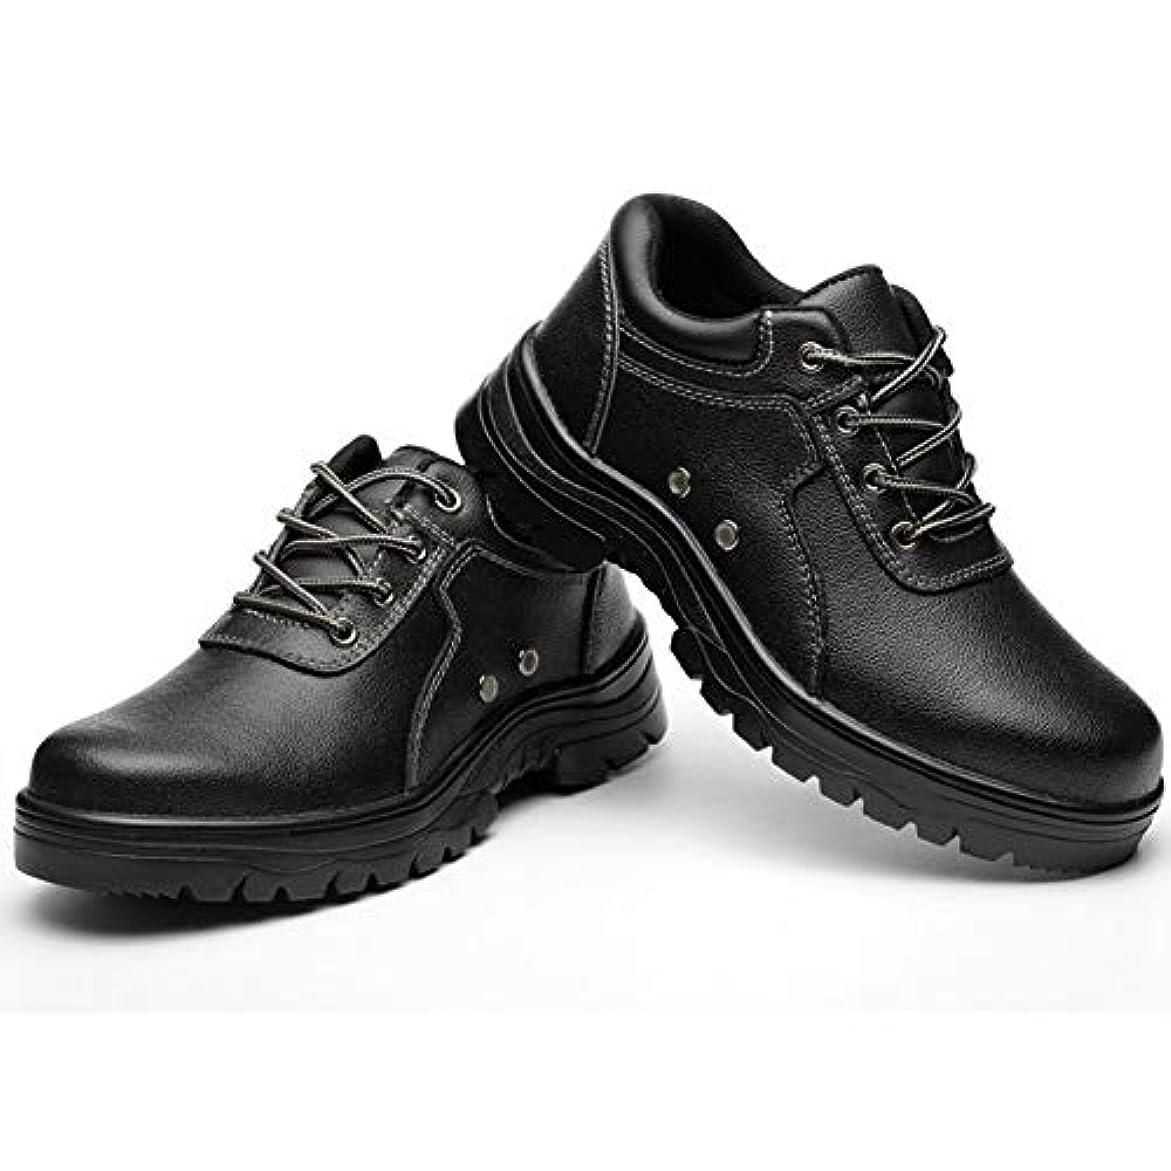 交換被害者シャツ[Yikaifei] 安全靴 作業靴 メンズ レディース 登山靴 ハイグリップ 耐磨耗 衝撃吸収